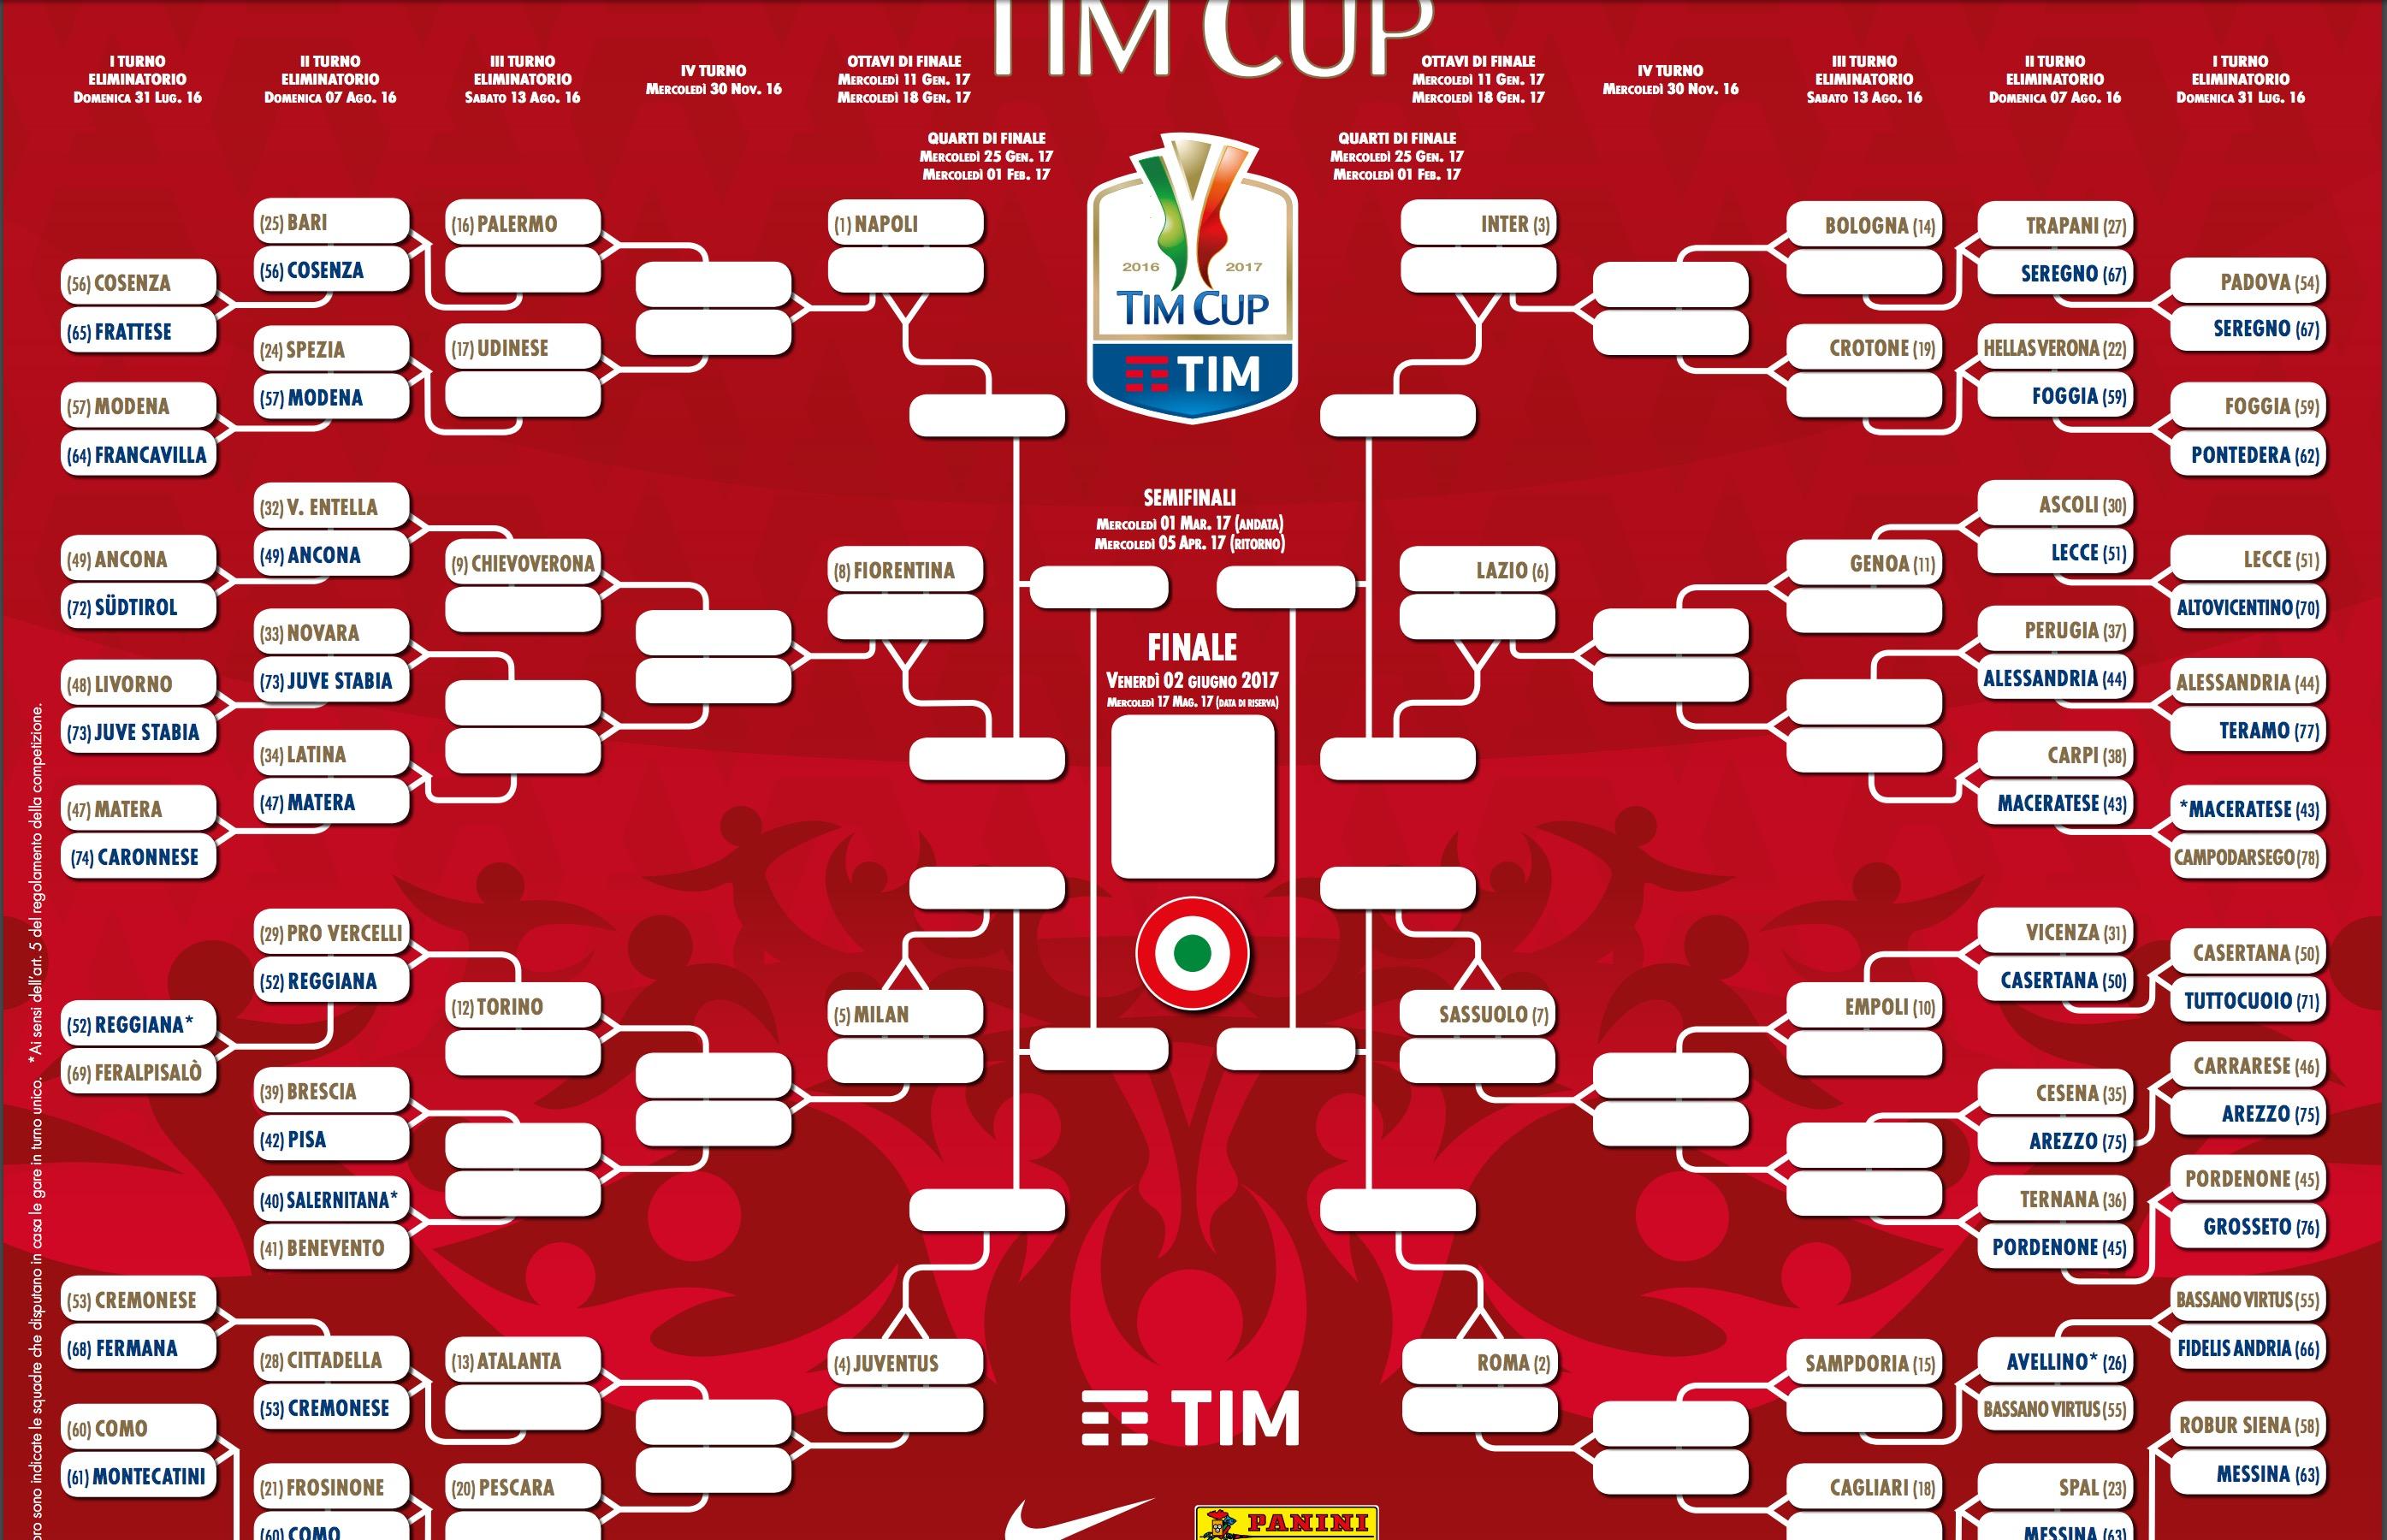 Calendario Napoli Coppa Italia.Coppa Italia 2016 17 Tabellone Calendario E Risultati Tim Cup